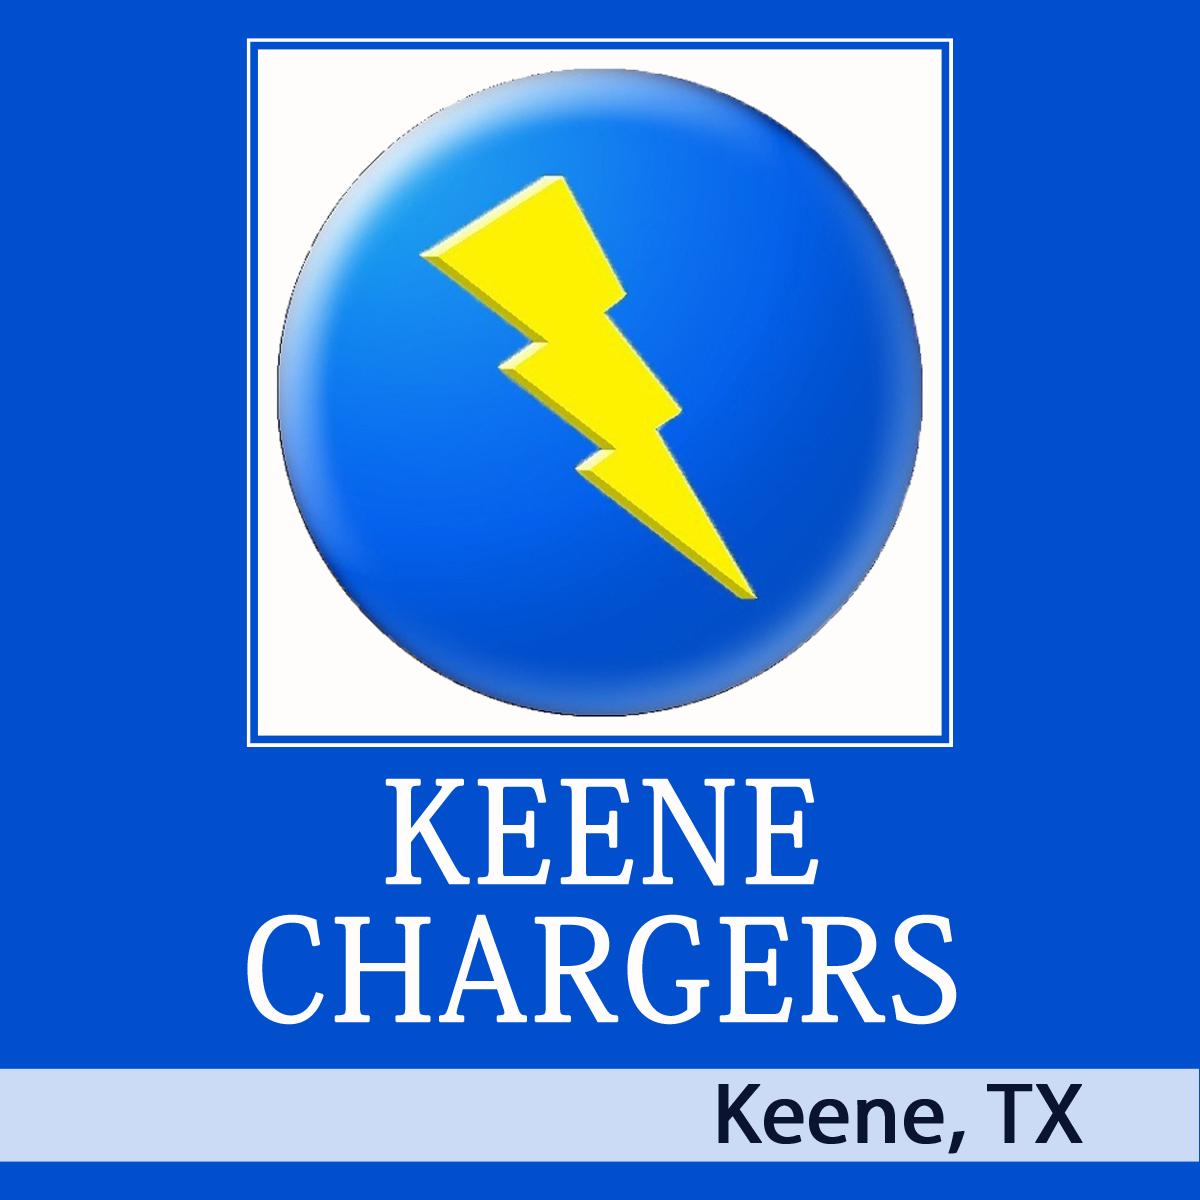 Keen, TX